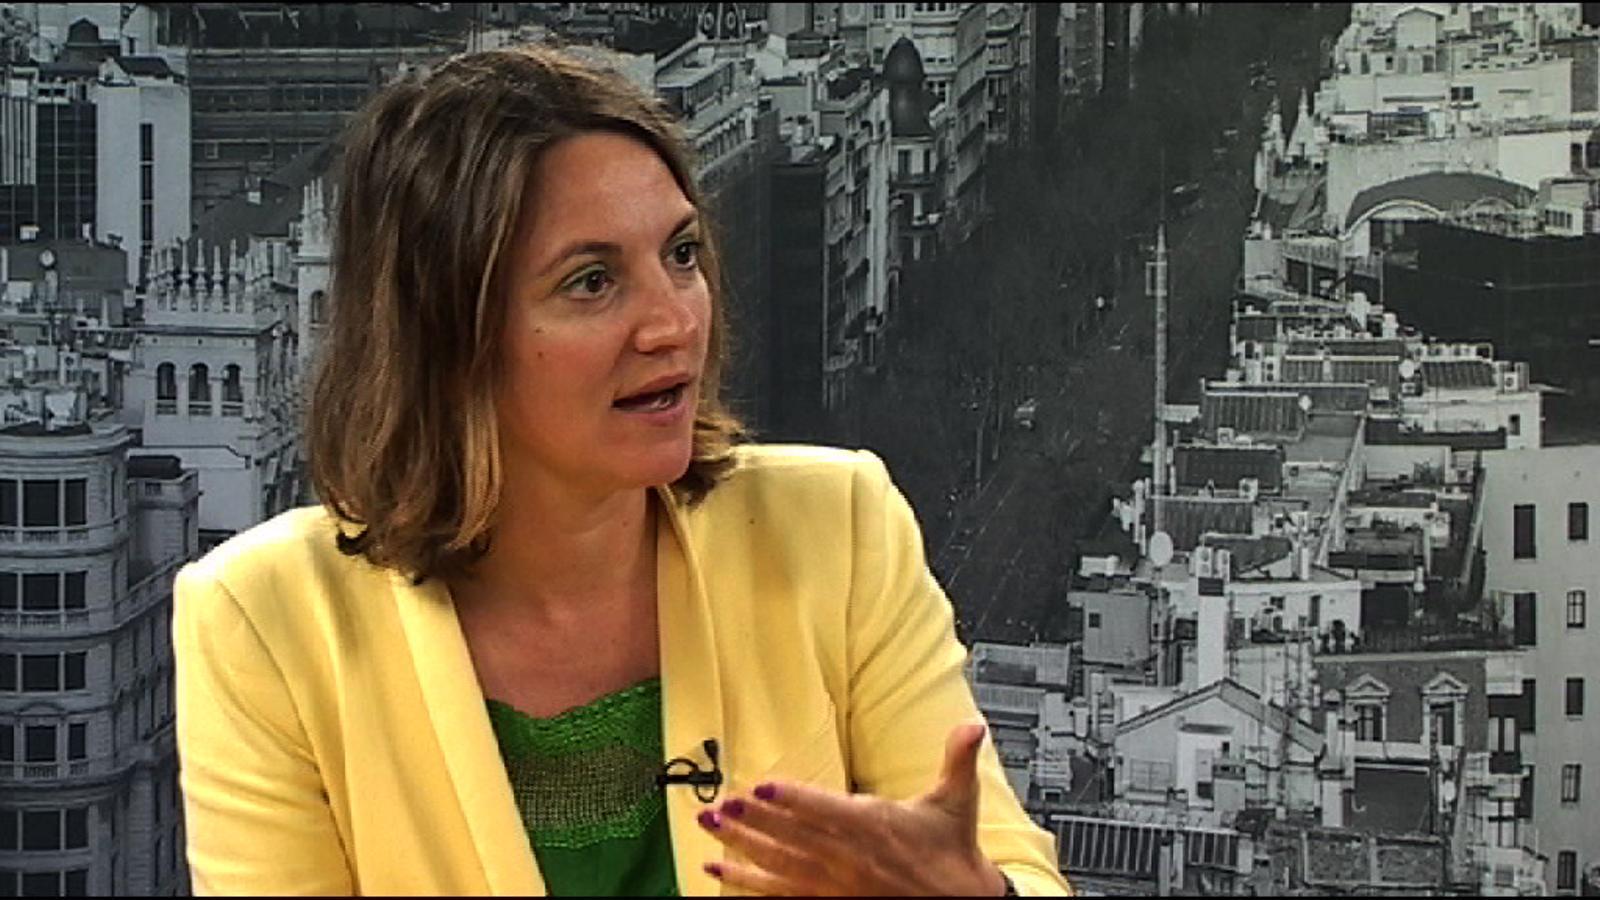 Aurélie Salvaire: El 'manterrupting' és quan els homes interrompen les dones amb un to de veu més alt o s'apropien de les seves idees